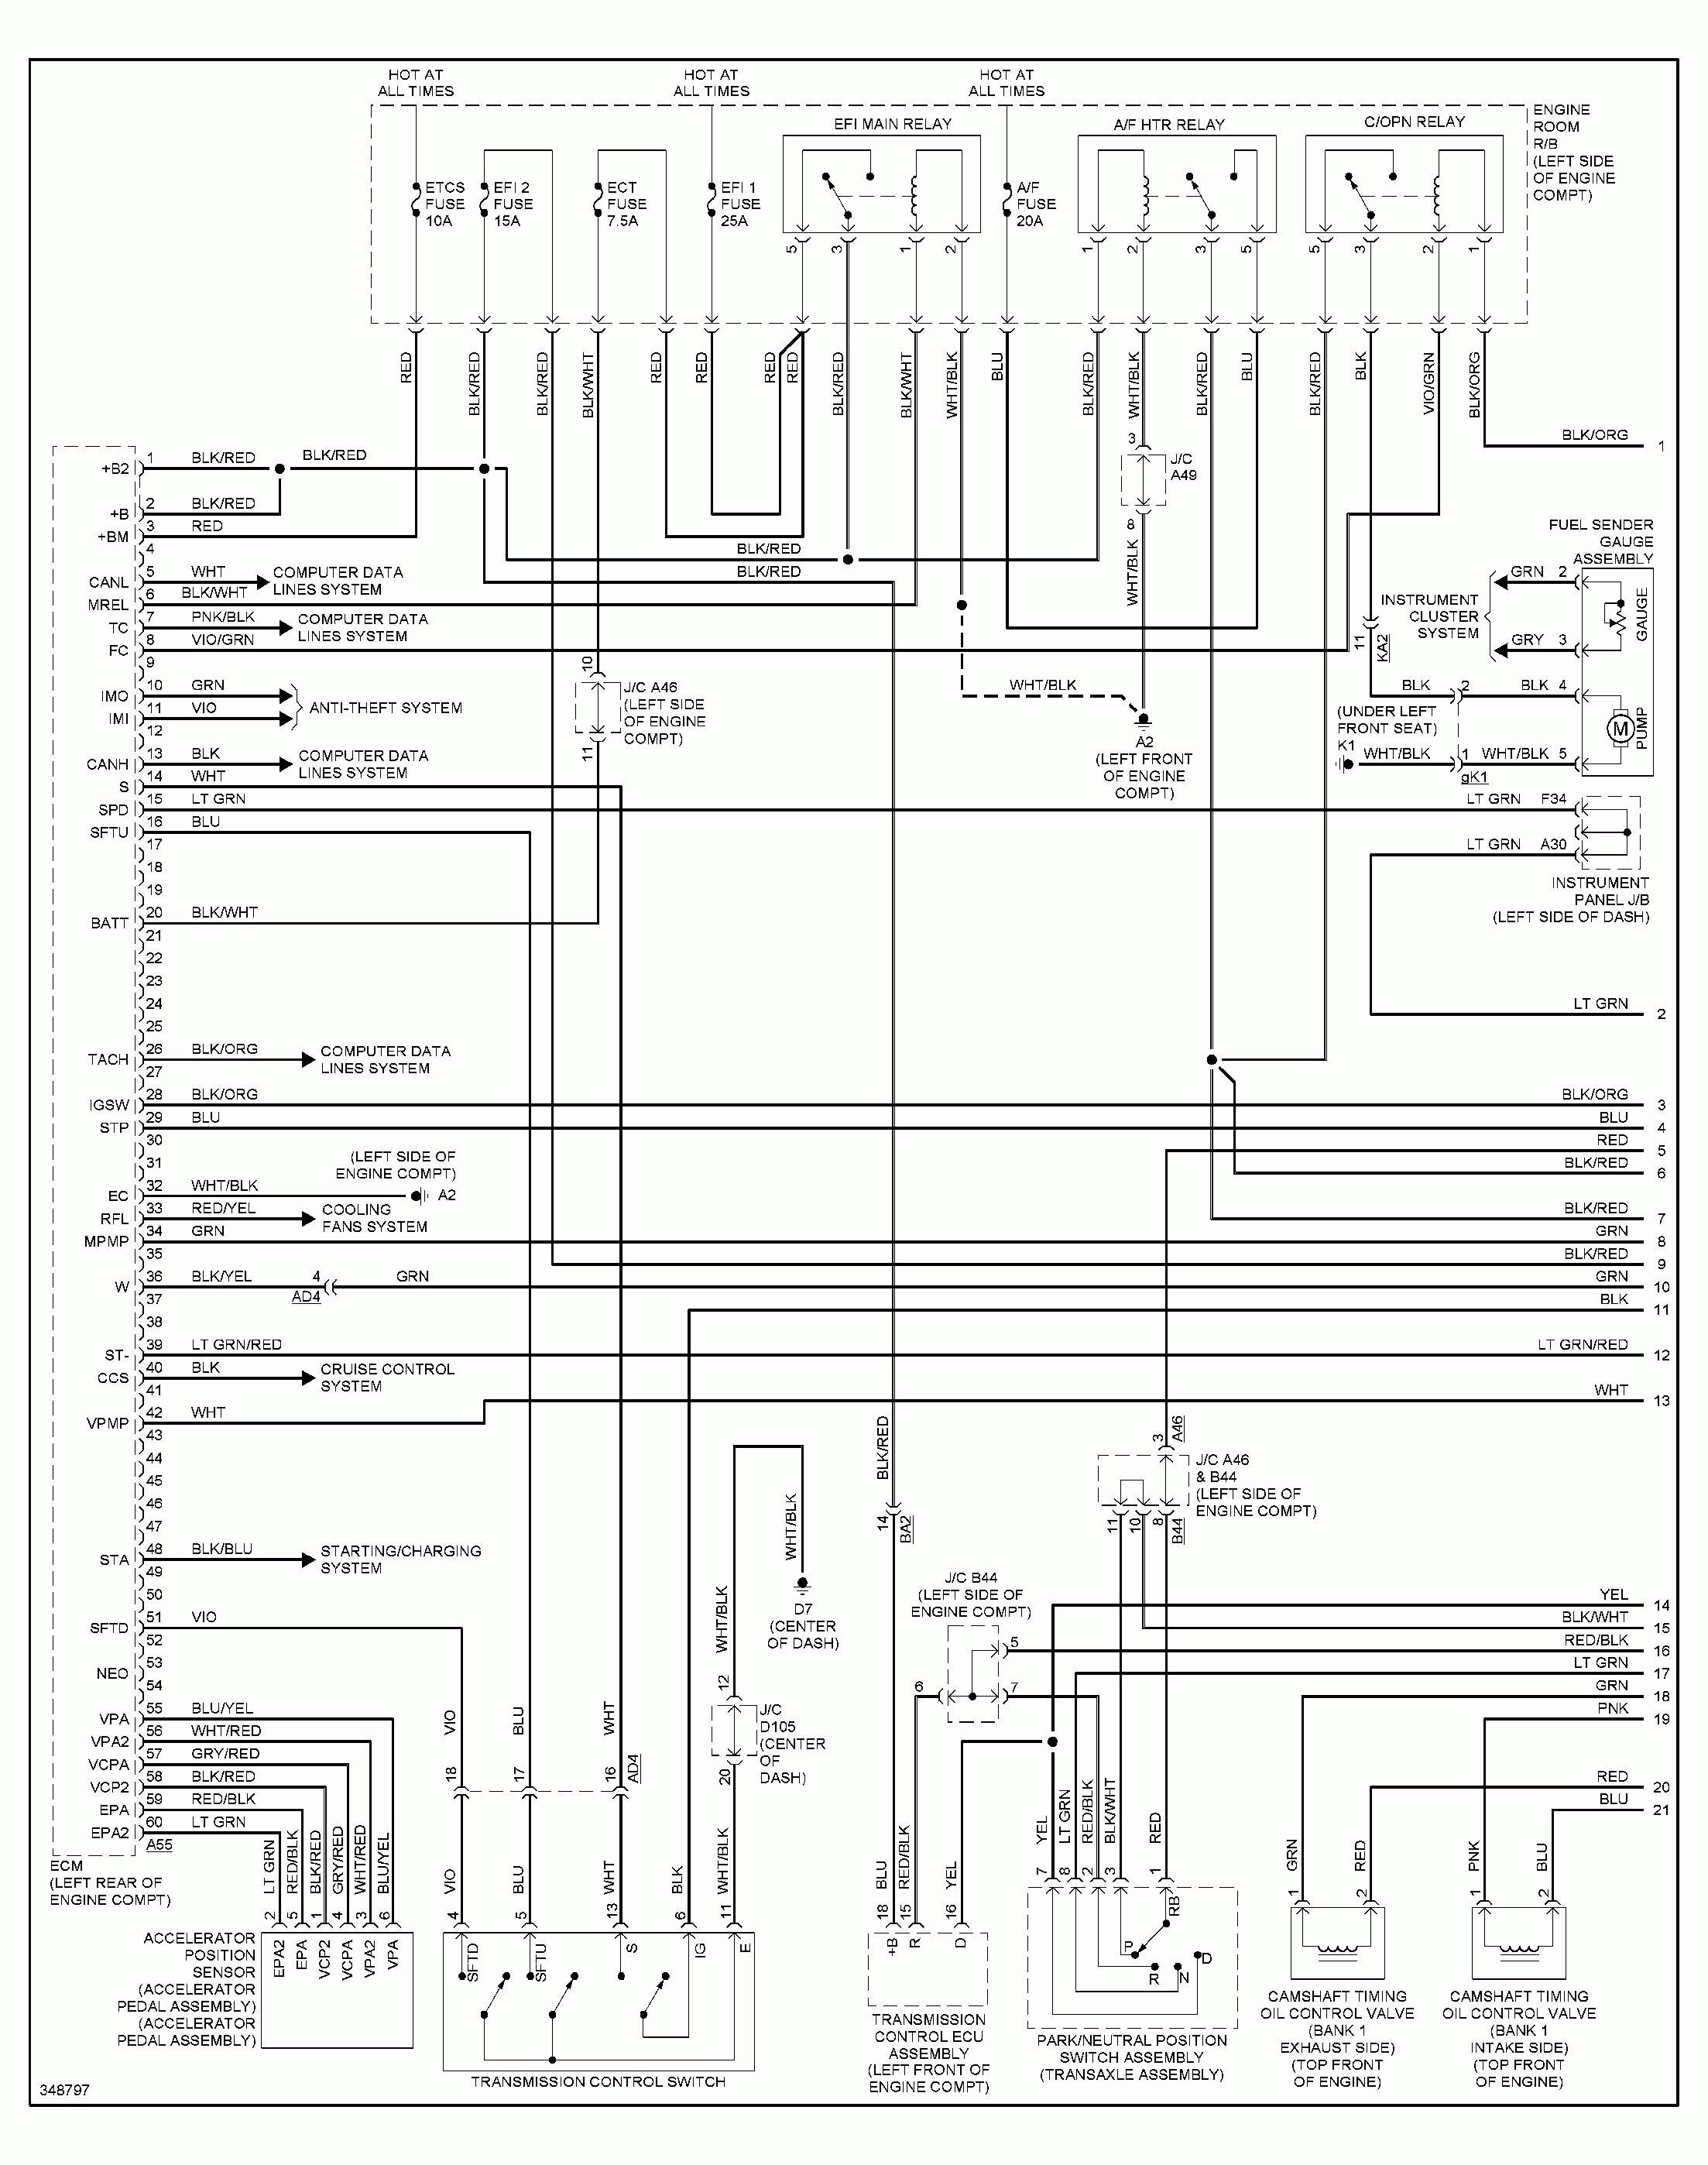 Vipper 4 Wire Diagram Diagram] Viper Remote Start Wiring Diagram 2003 Chevy Tahoe Of Vipper 4 Wire Diagram